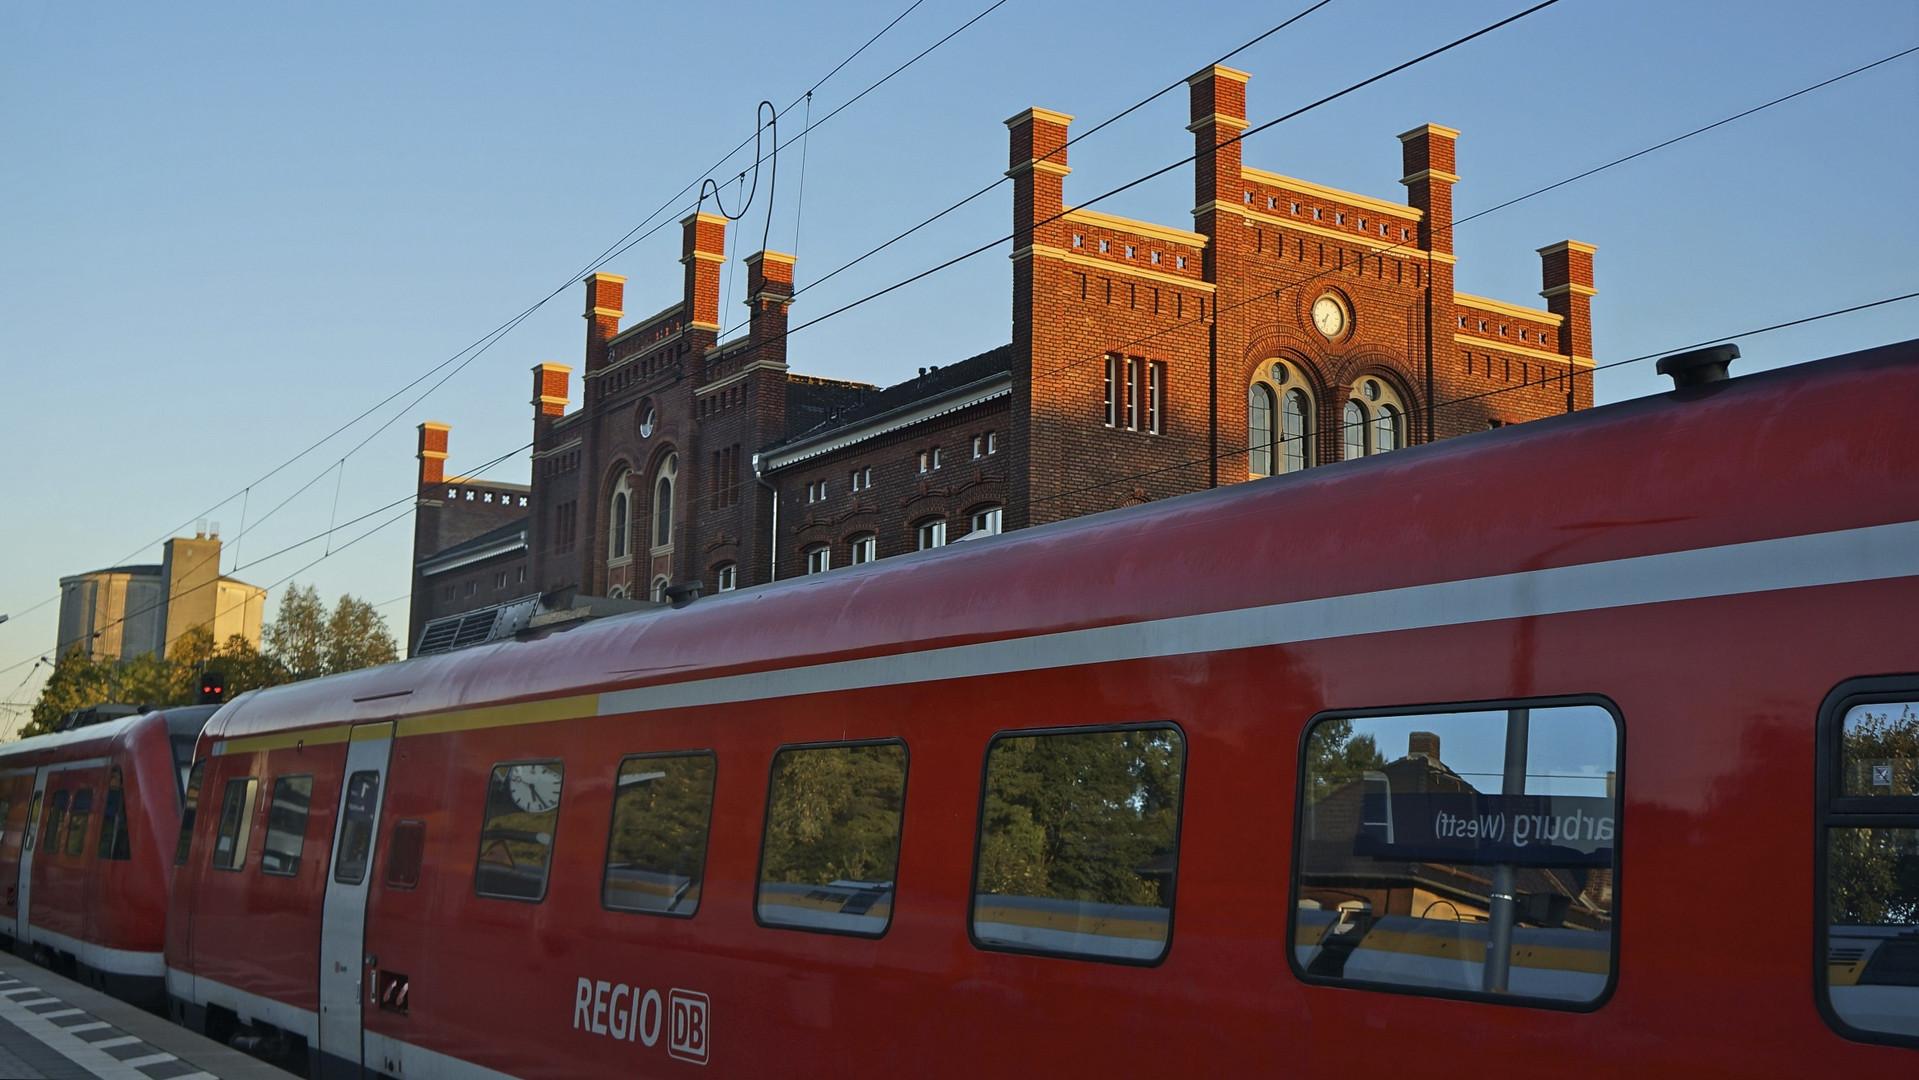 Bahnhof in Warburg 3